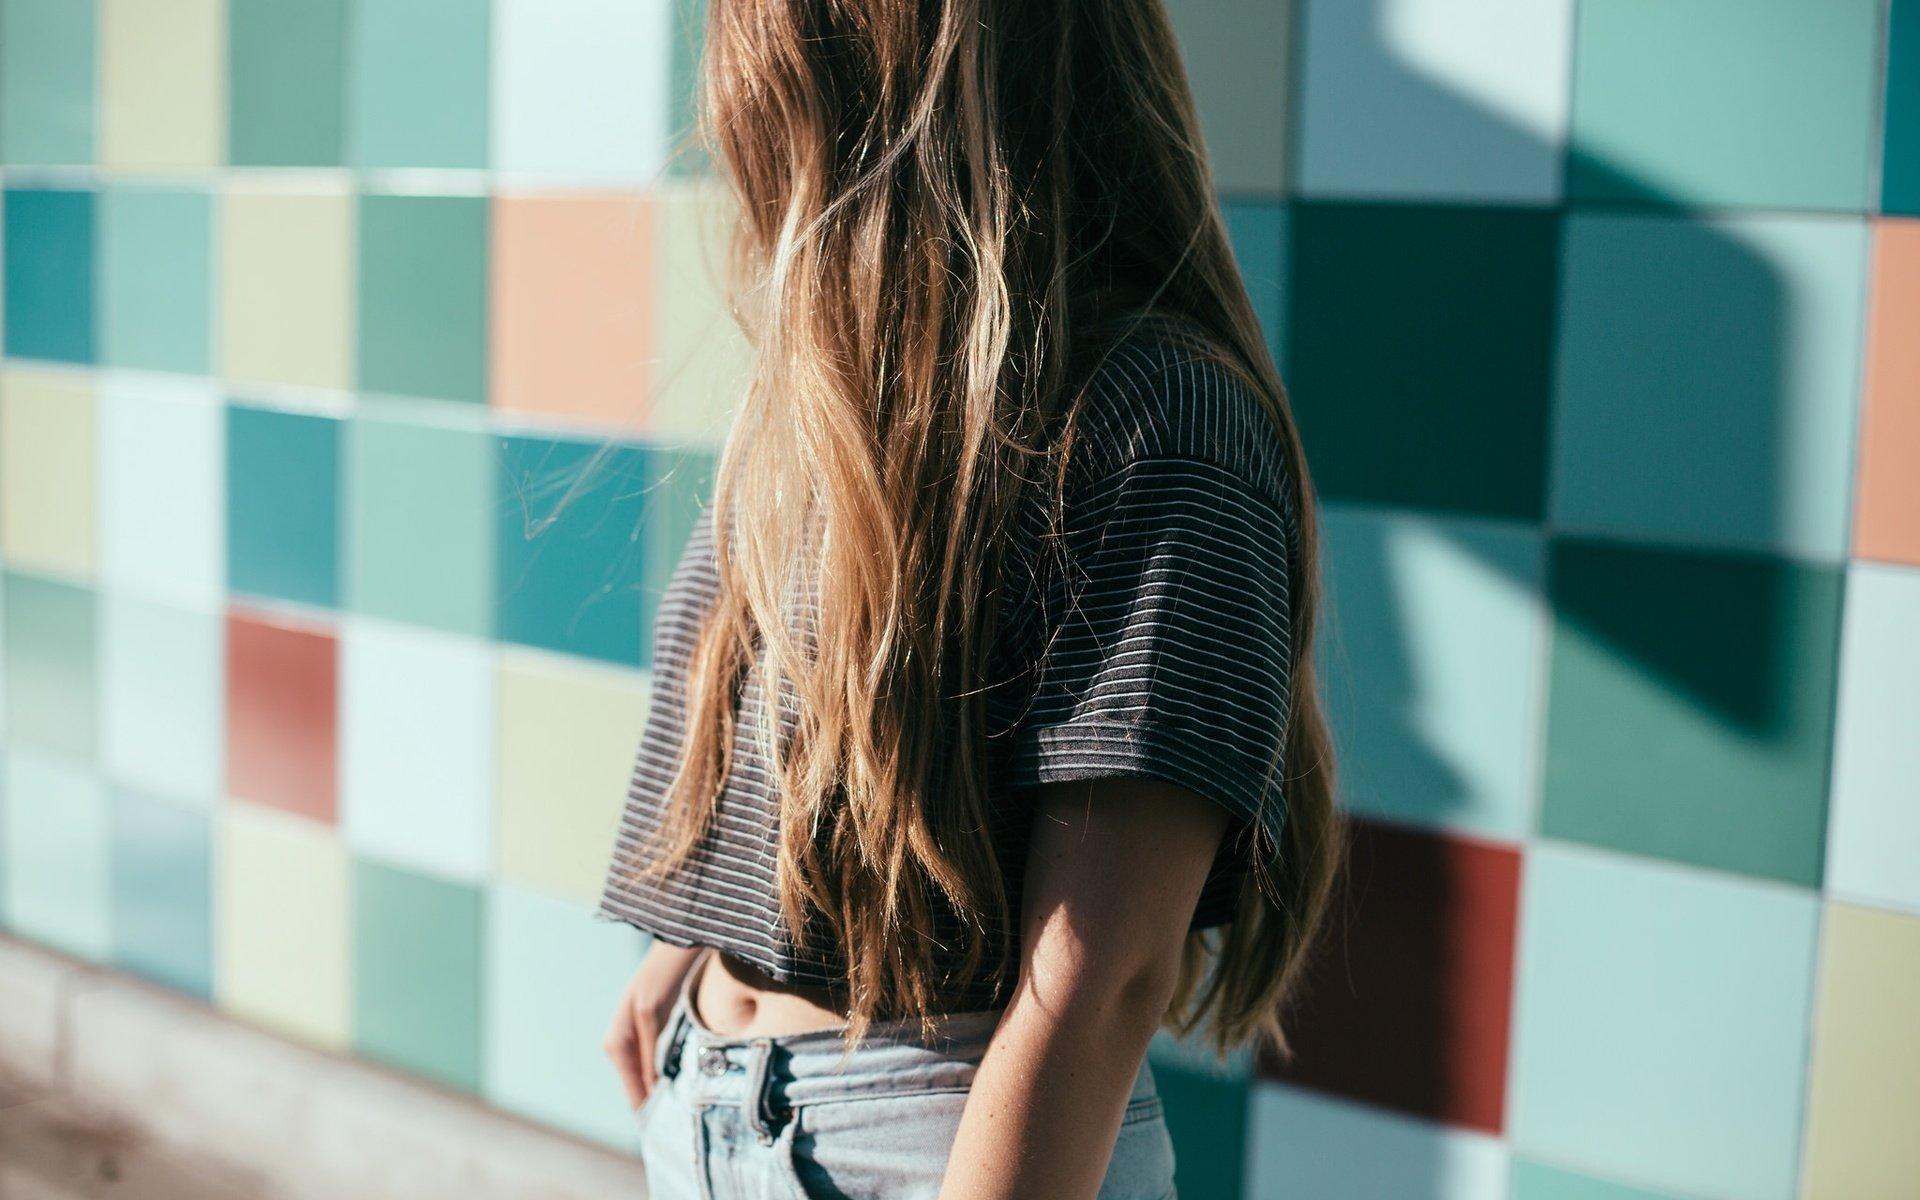 Русые девушки сзади, Фотки красивых девушек брюнеток сзади 20 фотография